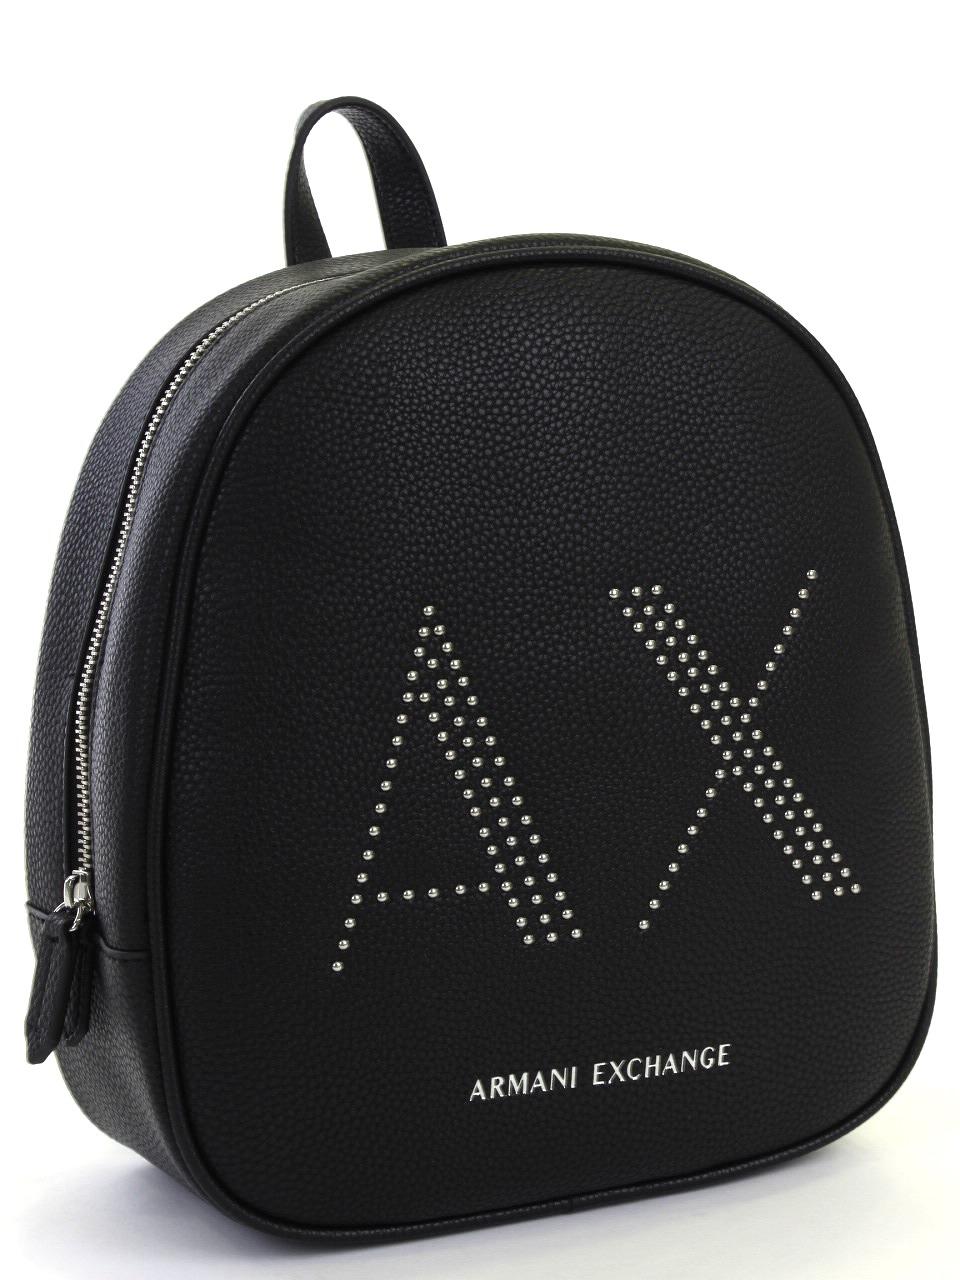 Backpack Armani Exchange - 529 942563 CC284